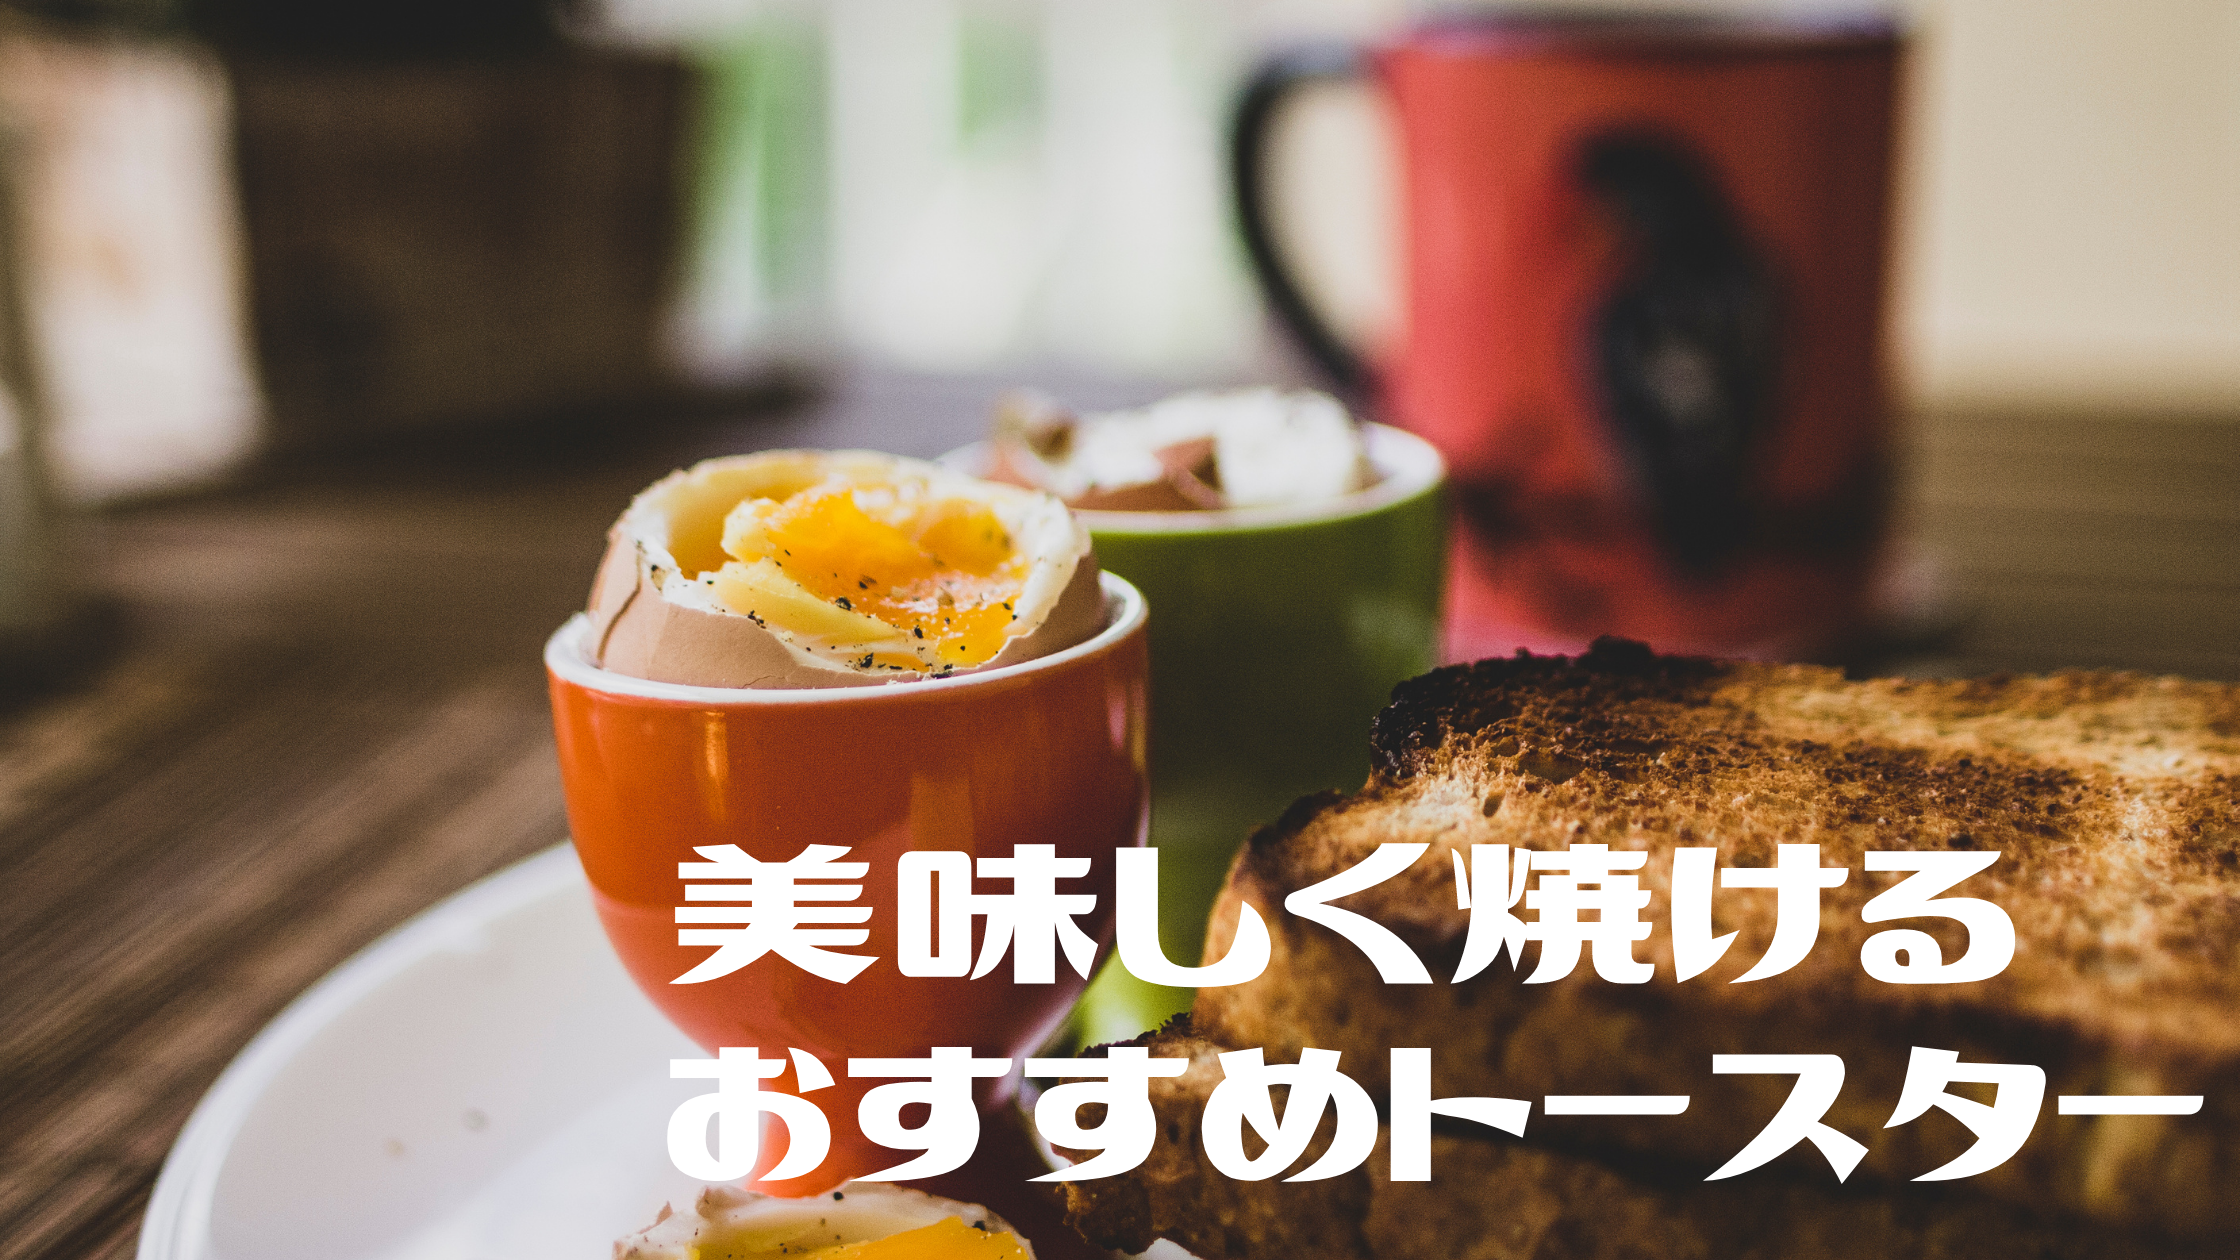 買って失敗しない美味しい【おすすめトースター】ベスト5